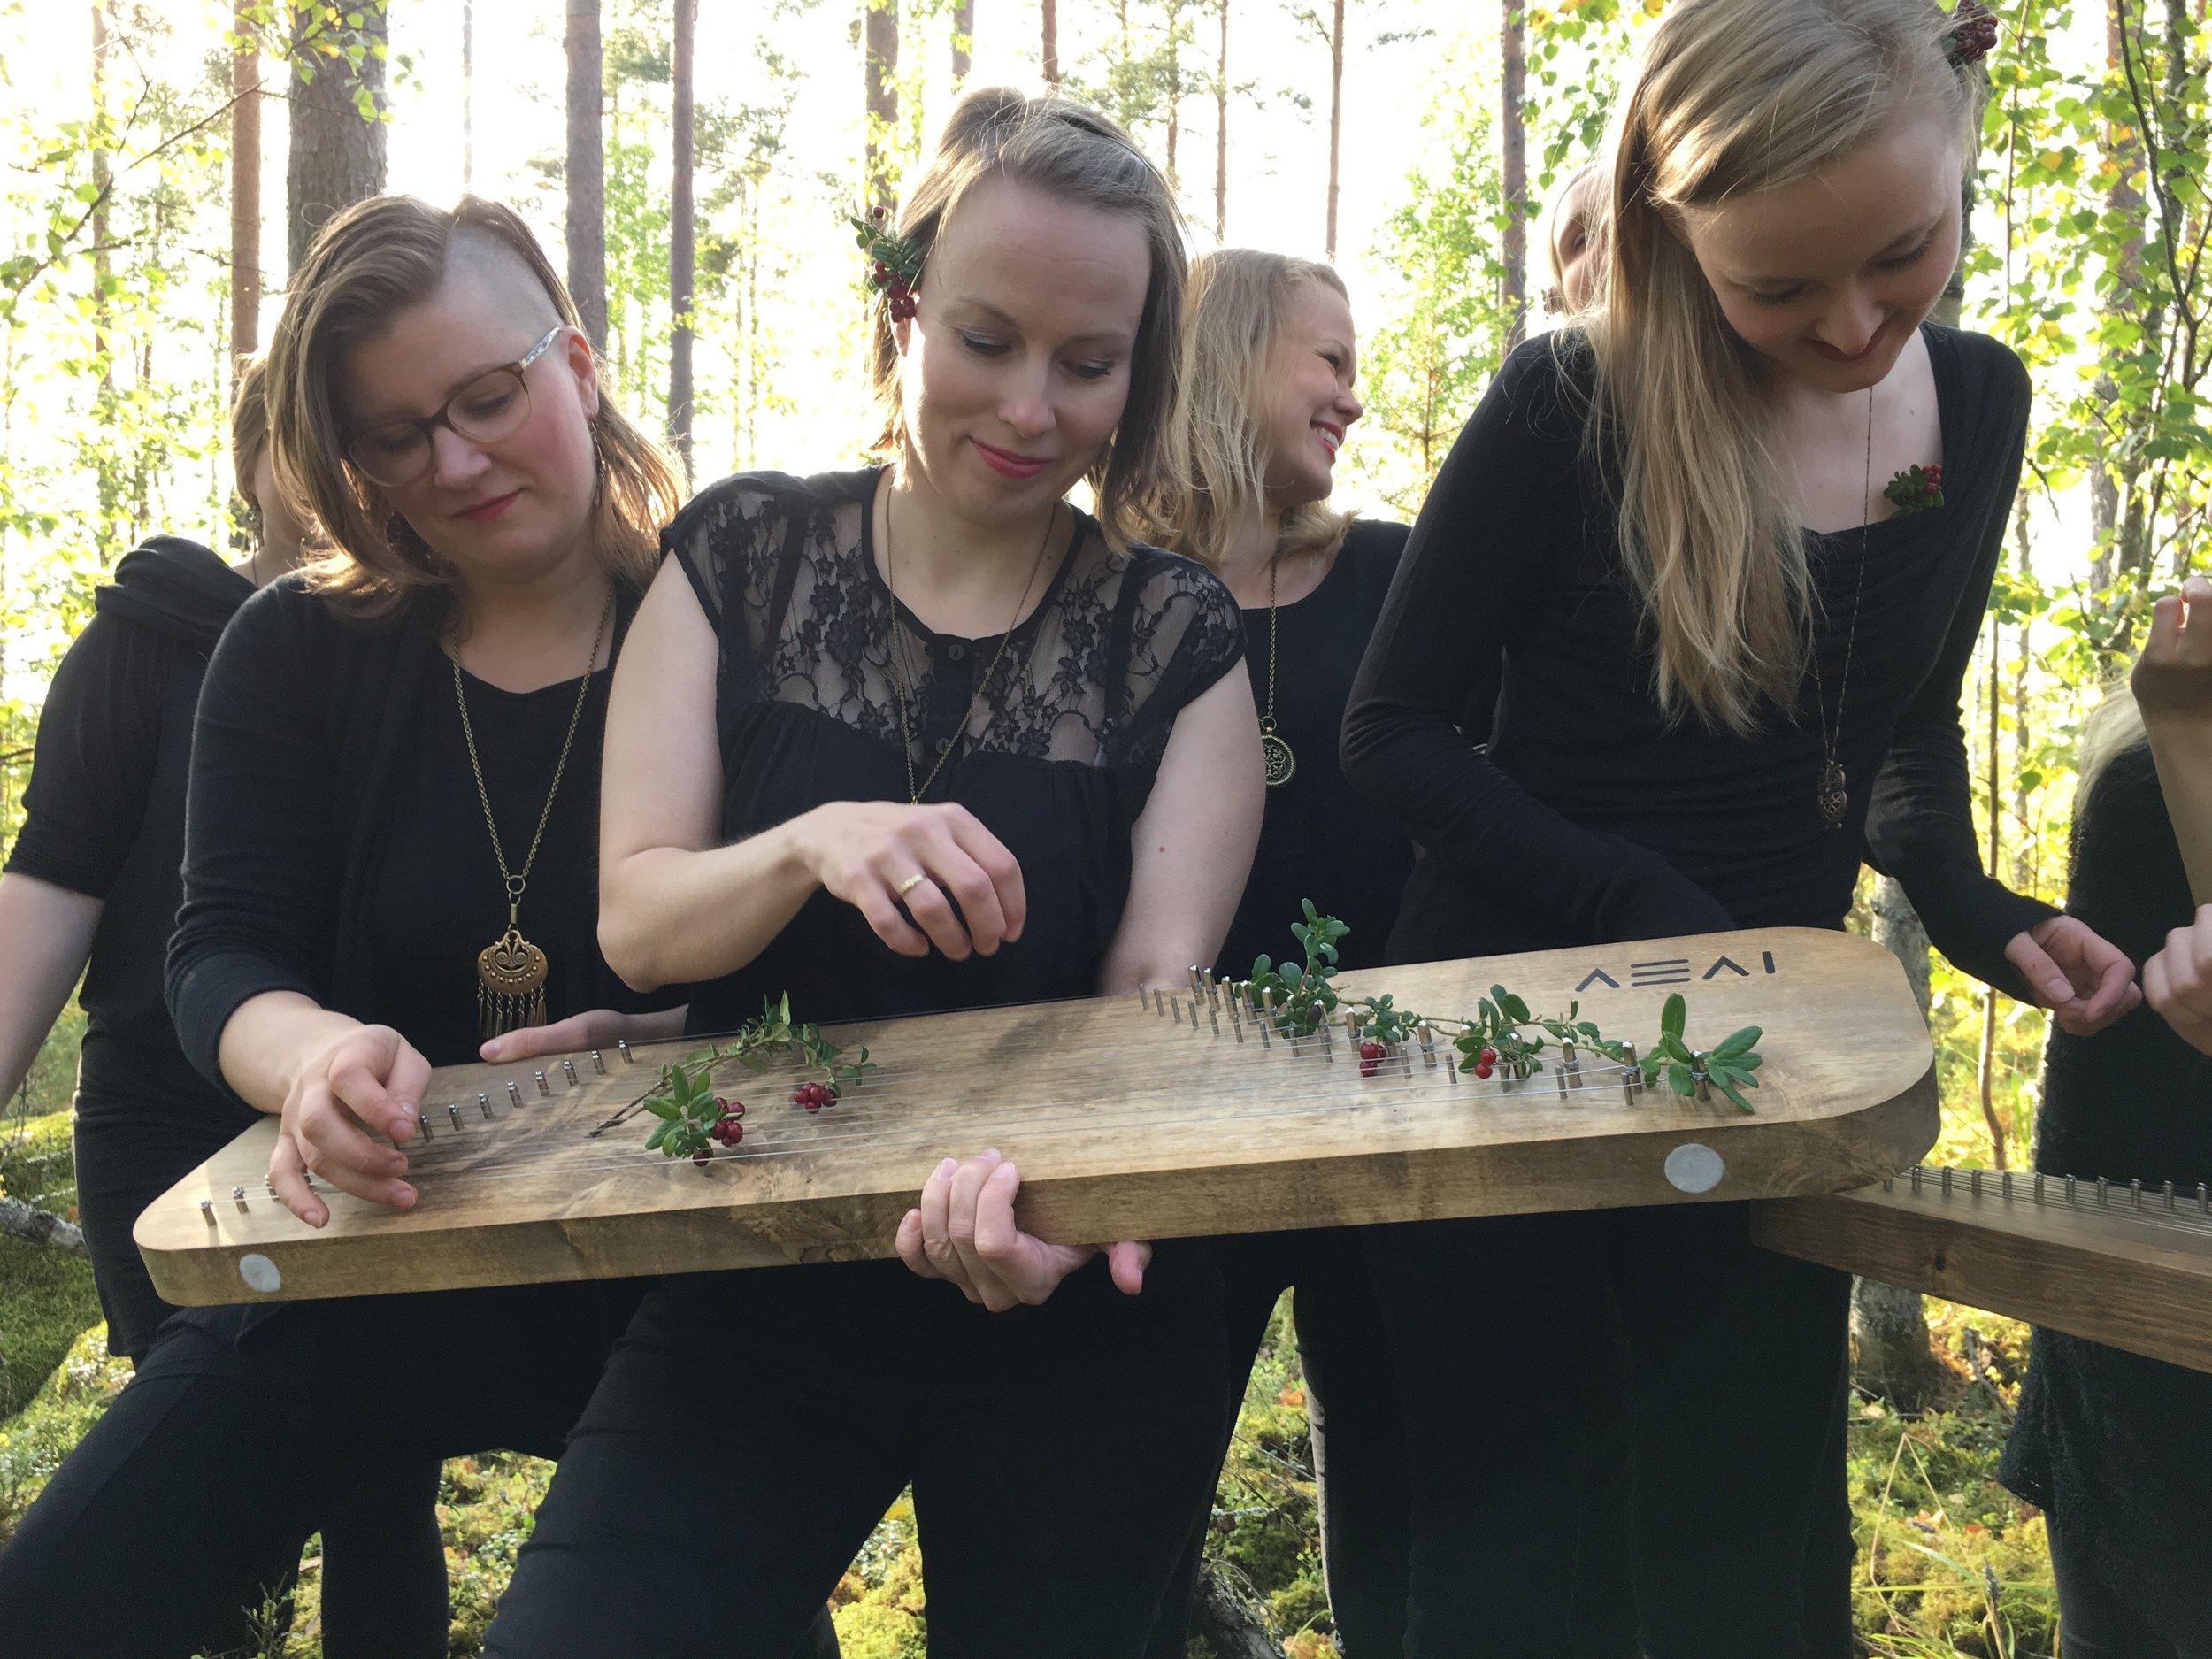 Viime syksyn laululeirilläJoutsassa ehdittiin ottaa myös promokuvia. Päivi, Minttu ja Sonja testailivat Aeai-kannelta.